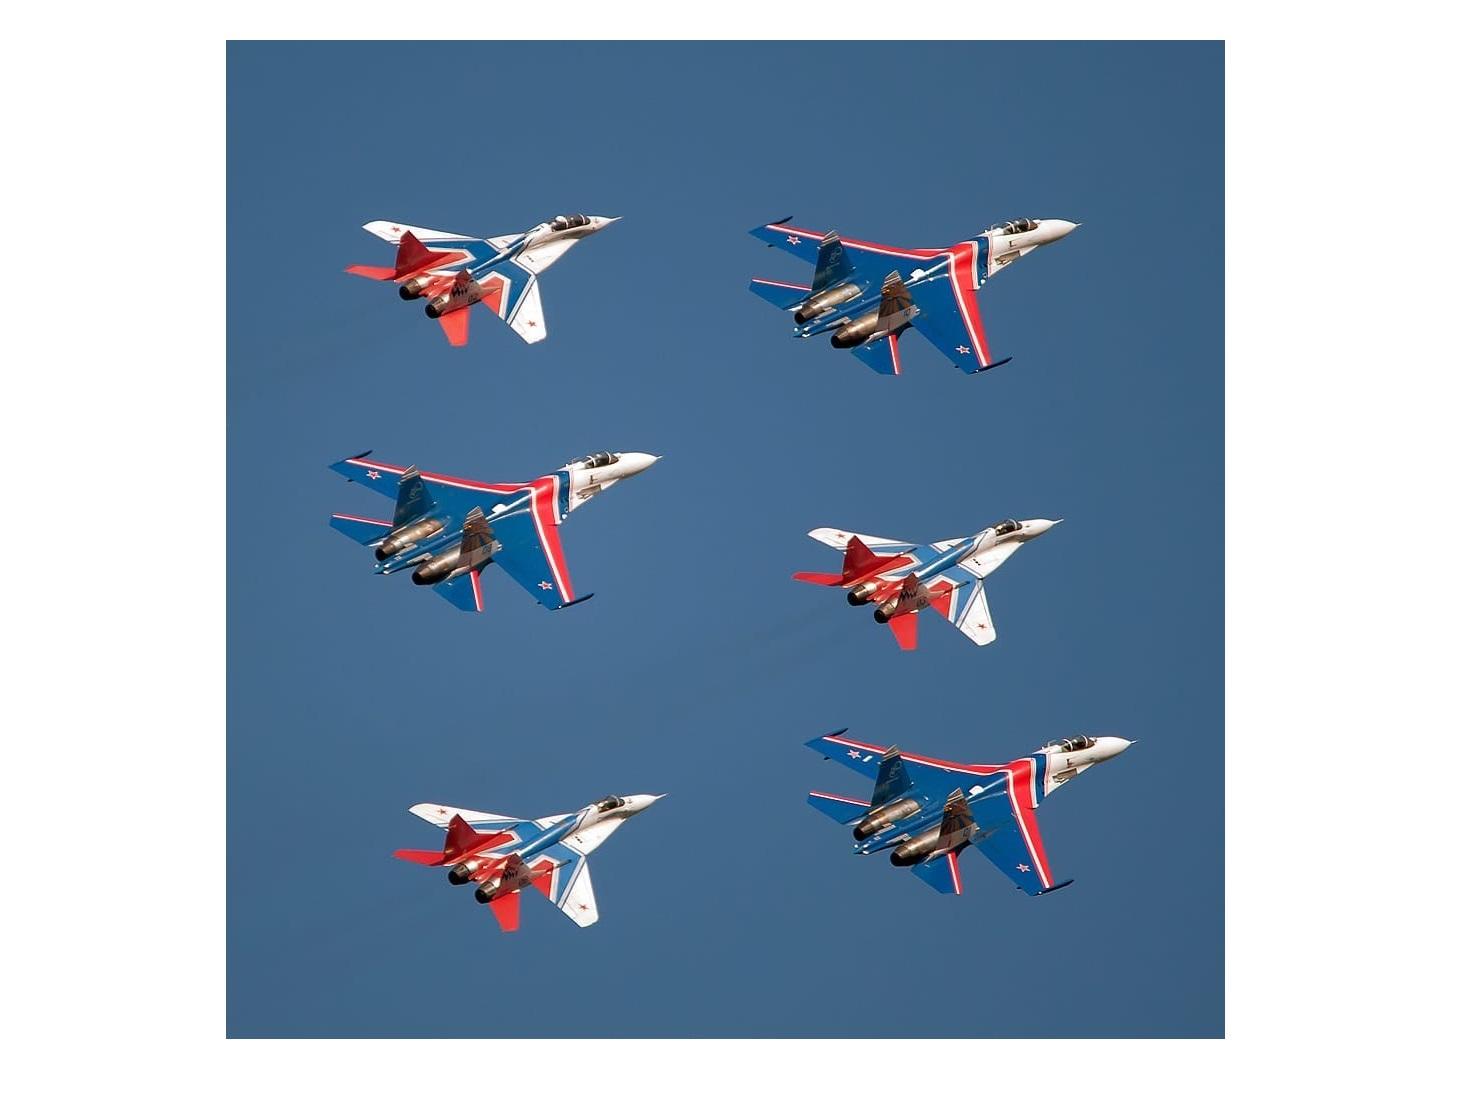 В Ярославле и Переславле 12 июня пройдет шоу авиационной группы высшего пилотажа ВВС России «Стрижи»